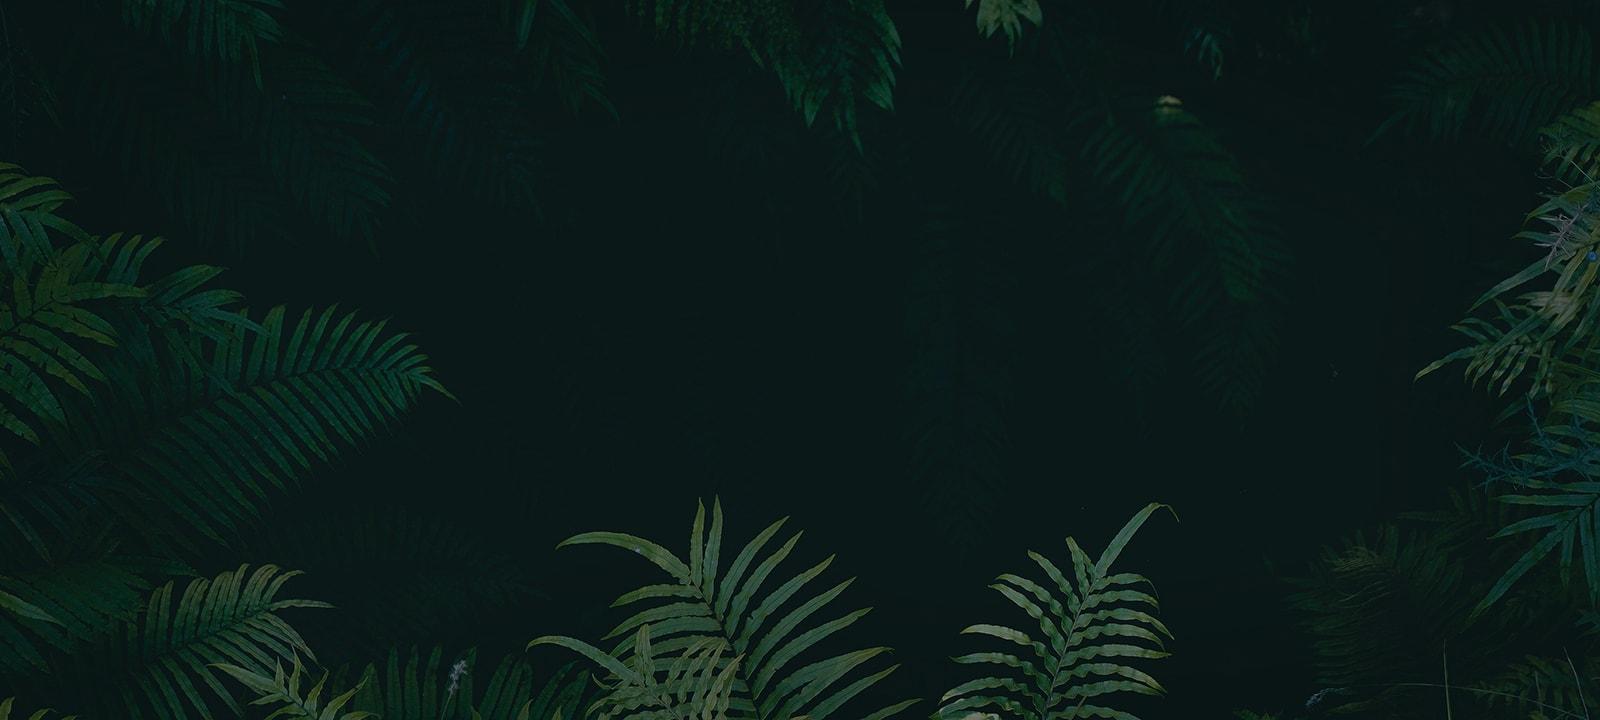 Background Dark